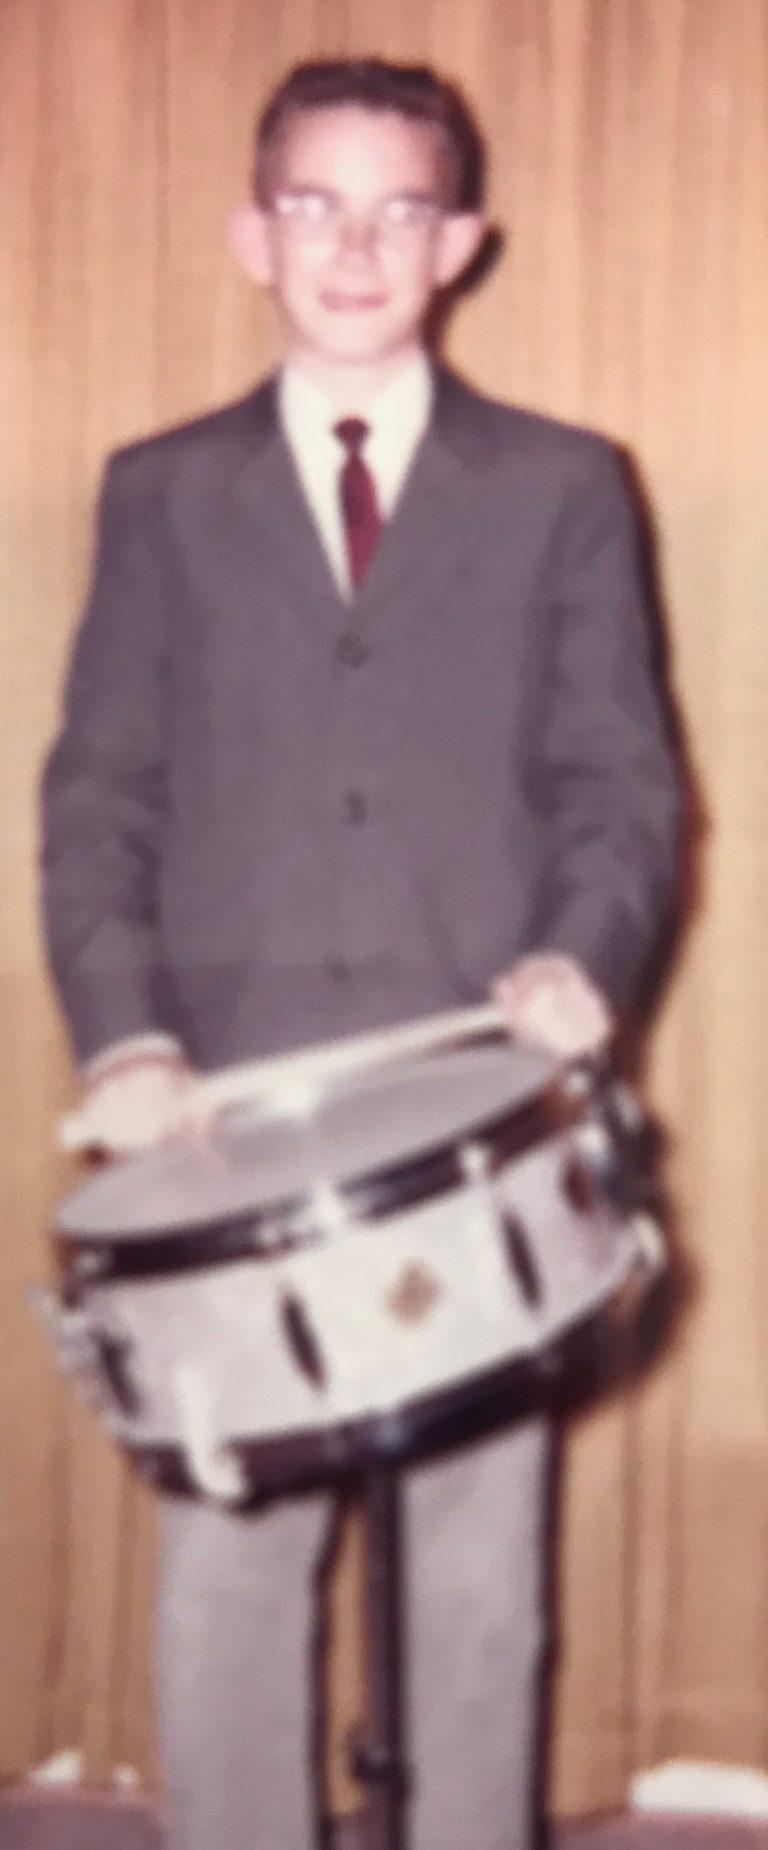 Rich - drummer